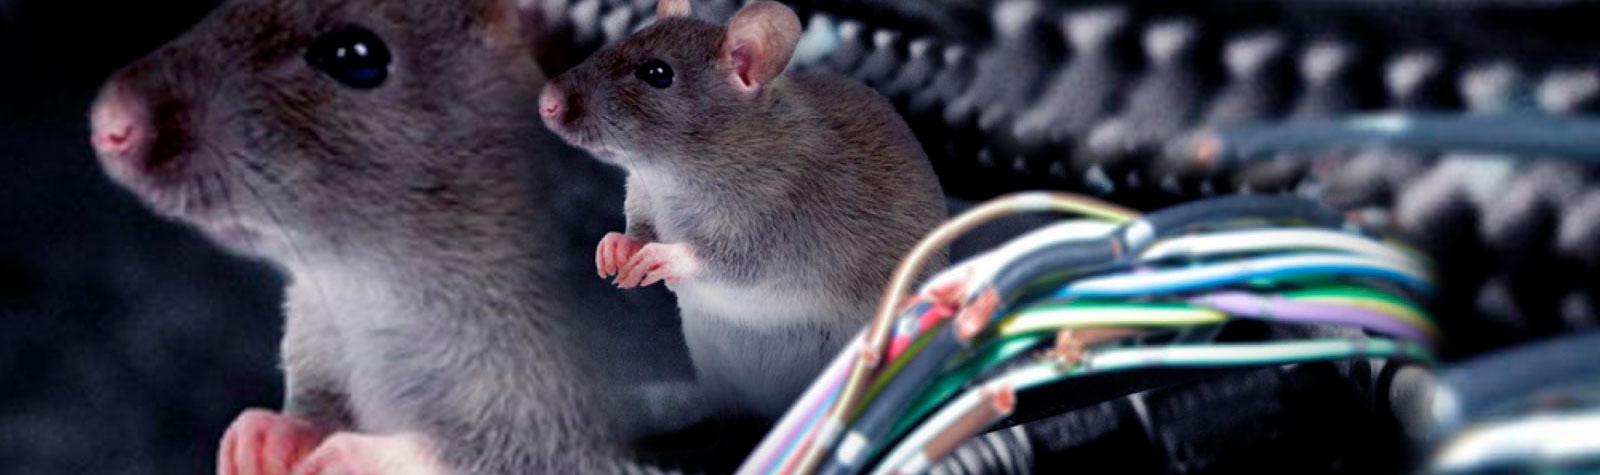 Autos detenidos en cuarentena: Presa fácil de los ratones